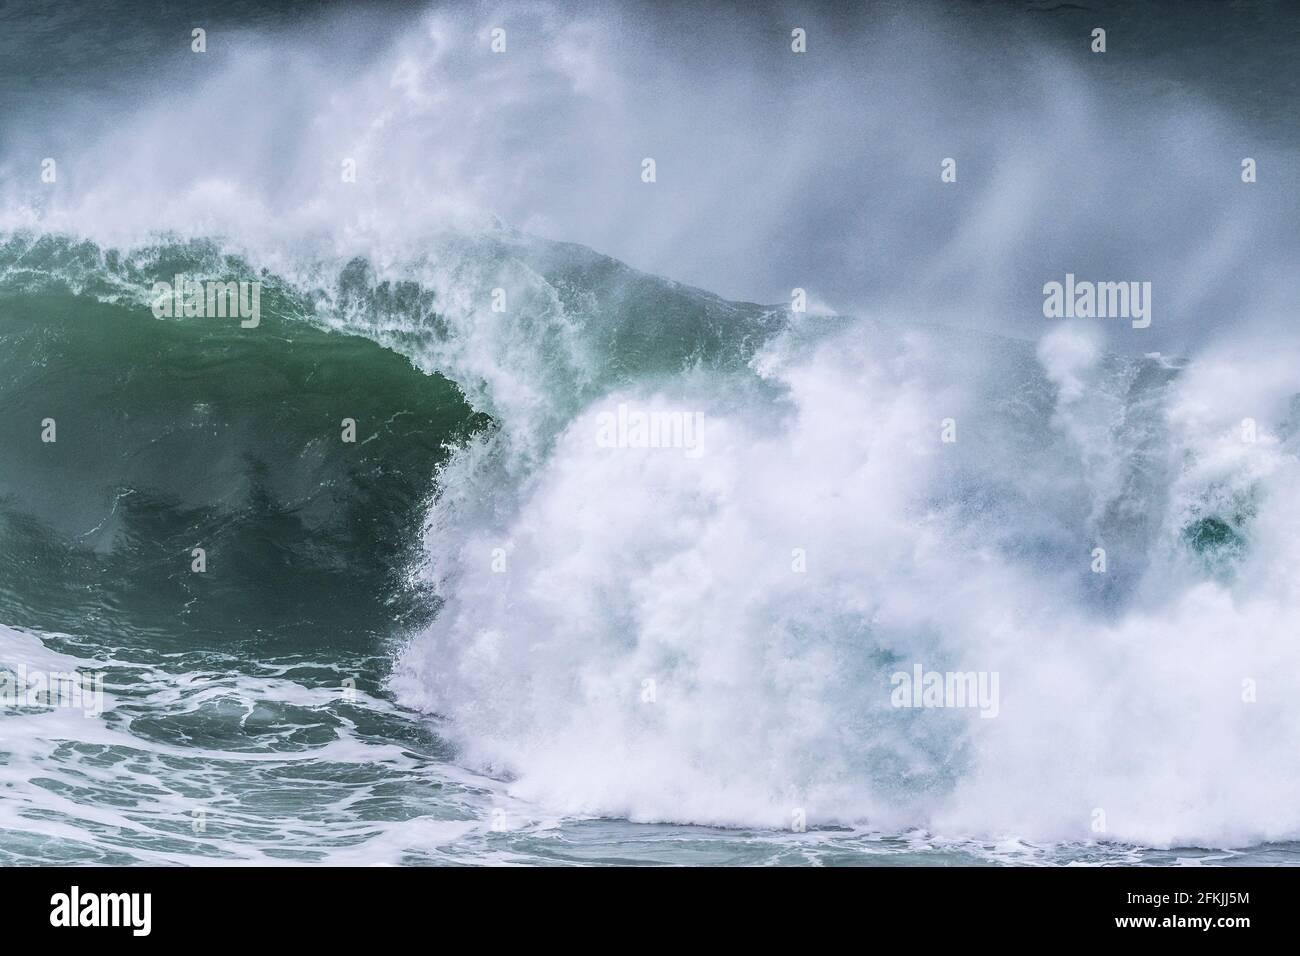 Une vague sauvage se brisant sur le récif de Cribbar au large de Towan Head à Newquay, dans les Cornouailles. Banque D'Images